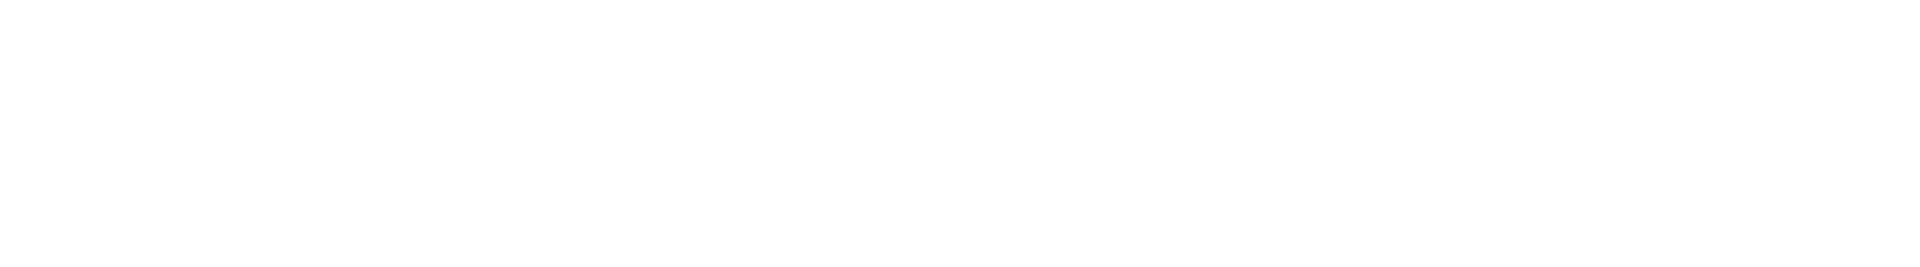 234234 - Ε΄ Κυνηγετική Ομοσπονδία Ηπείρου